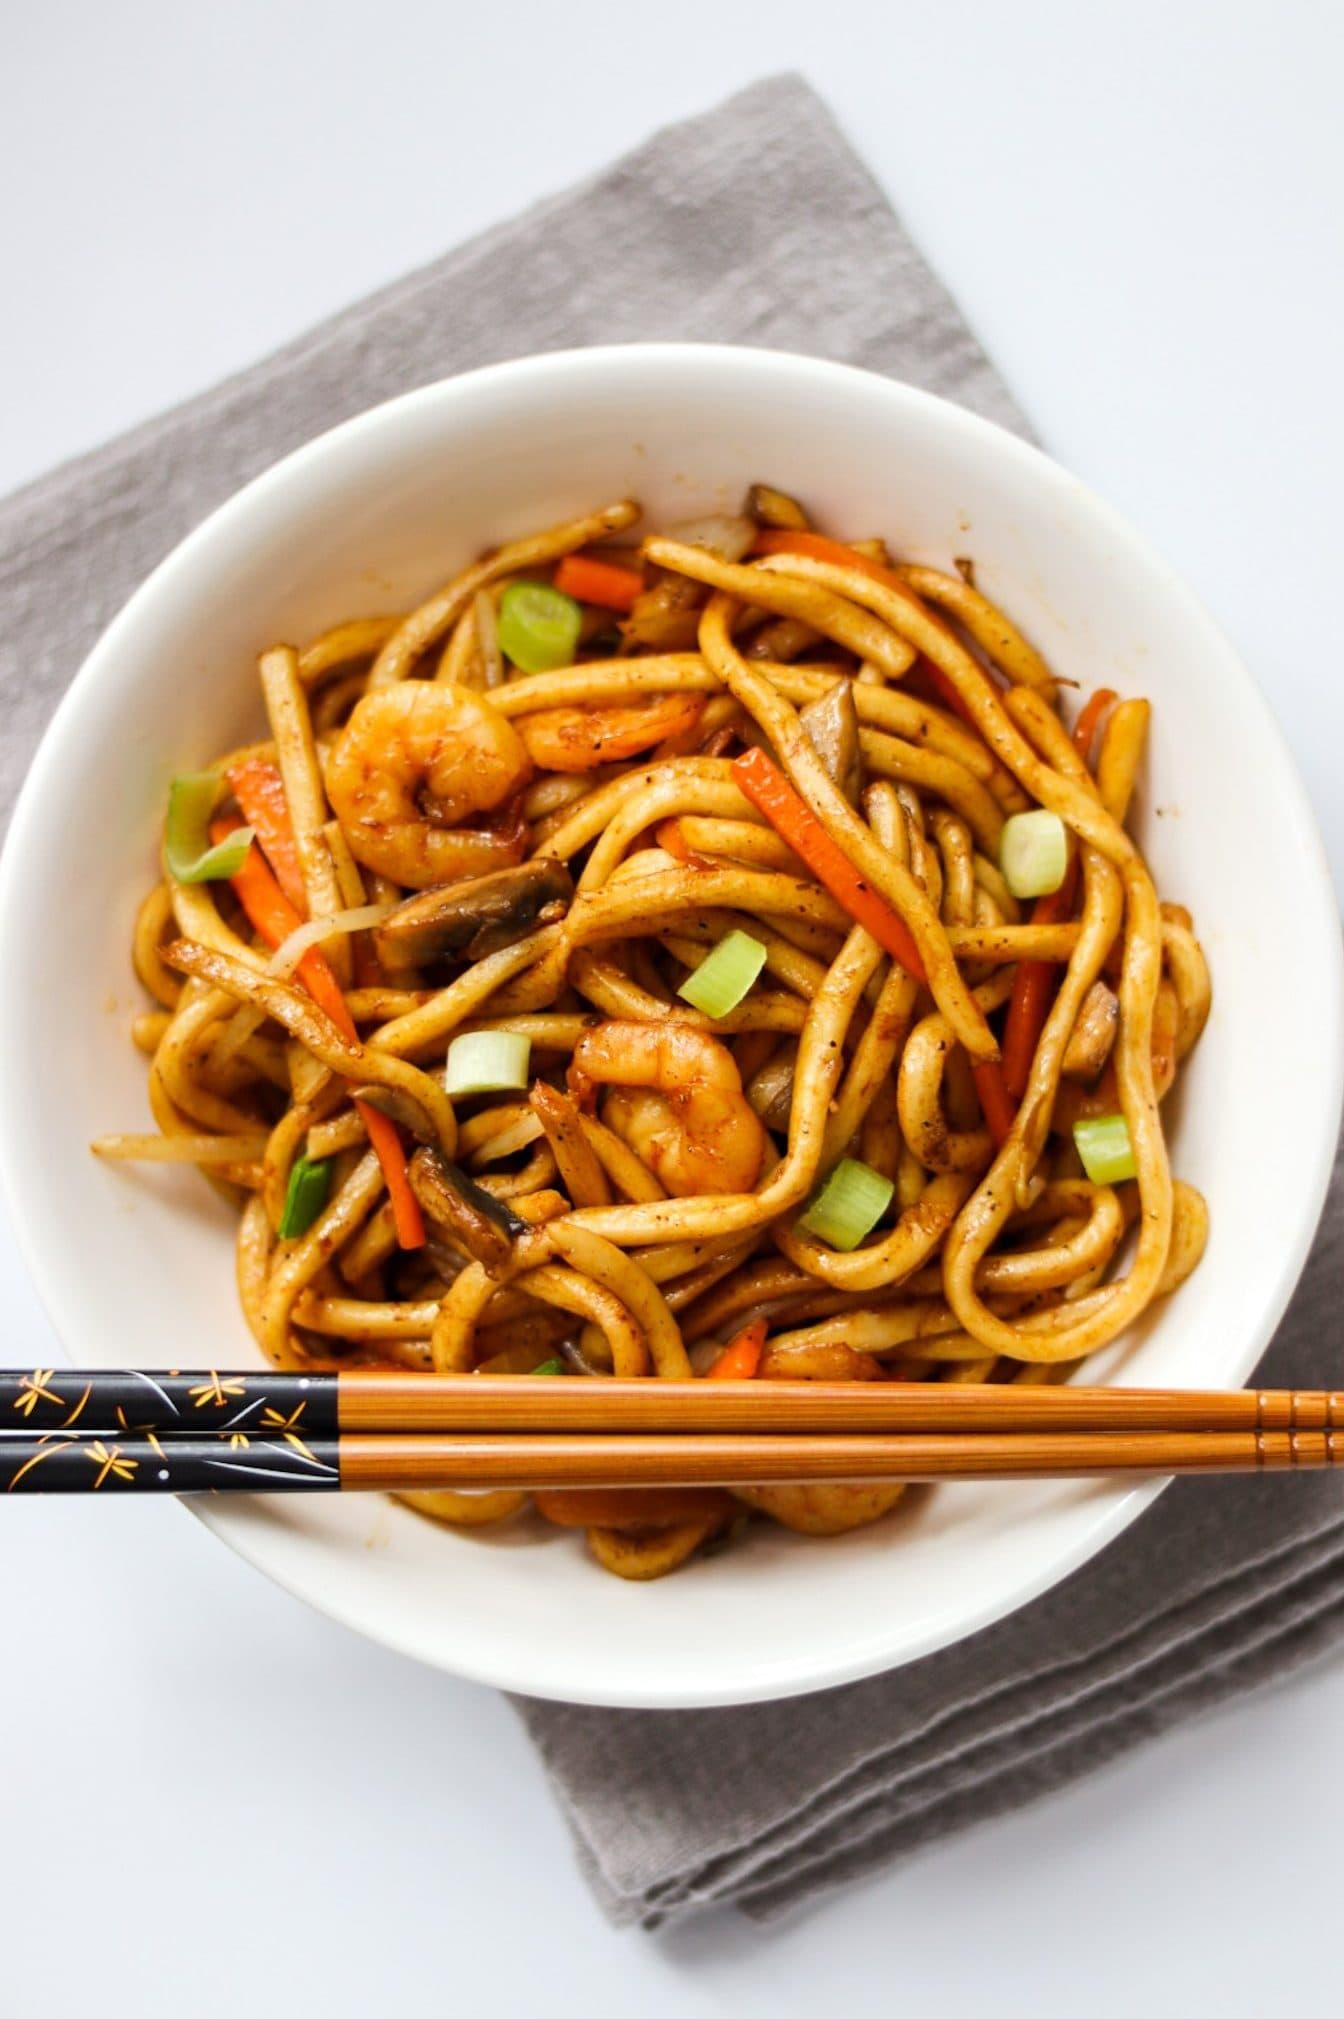 King prawn udon noodles with shrimp